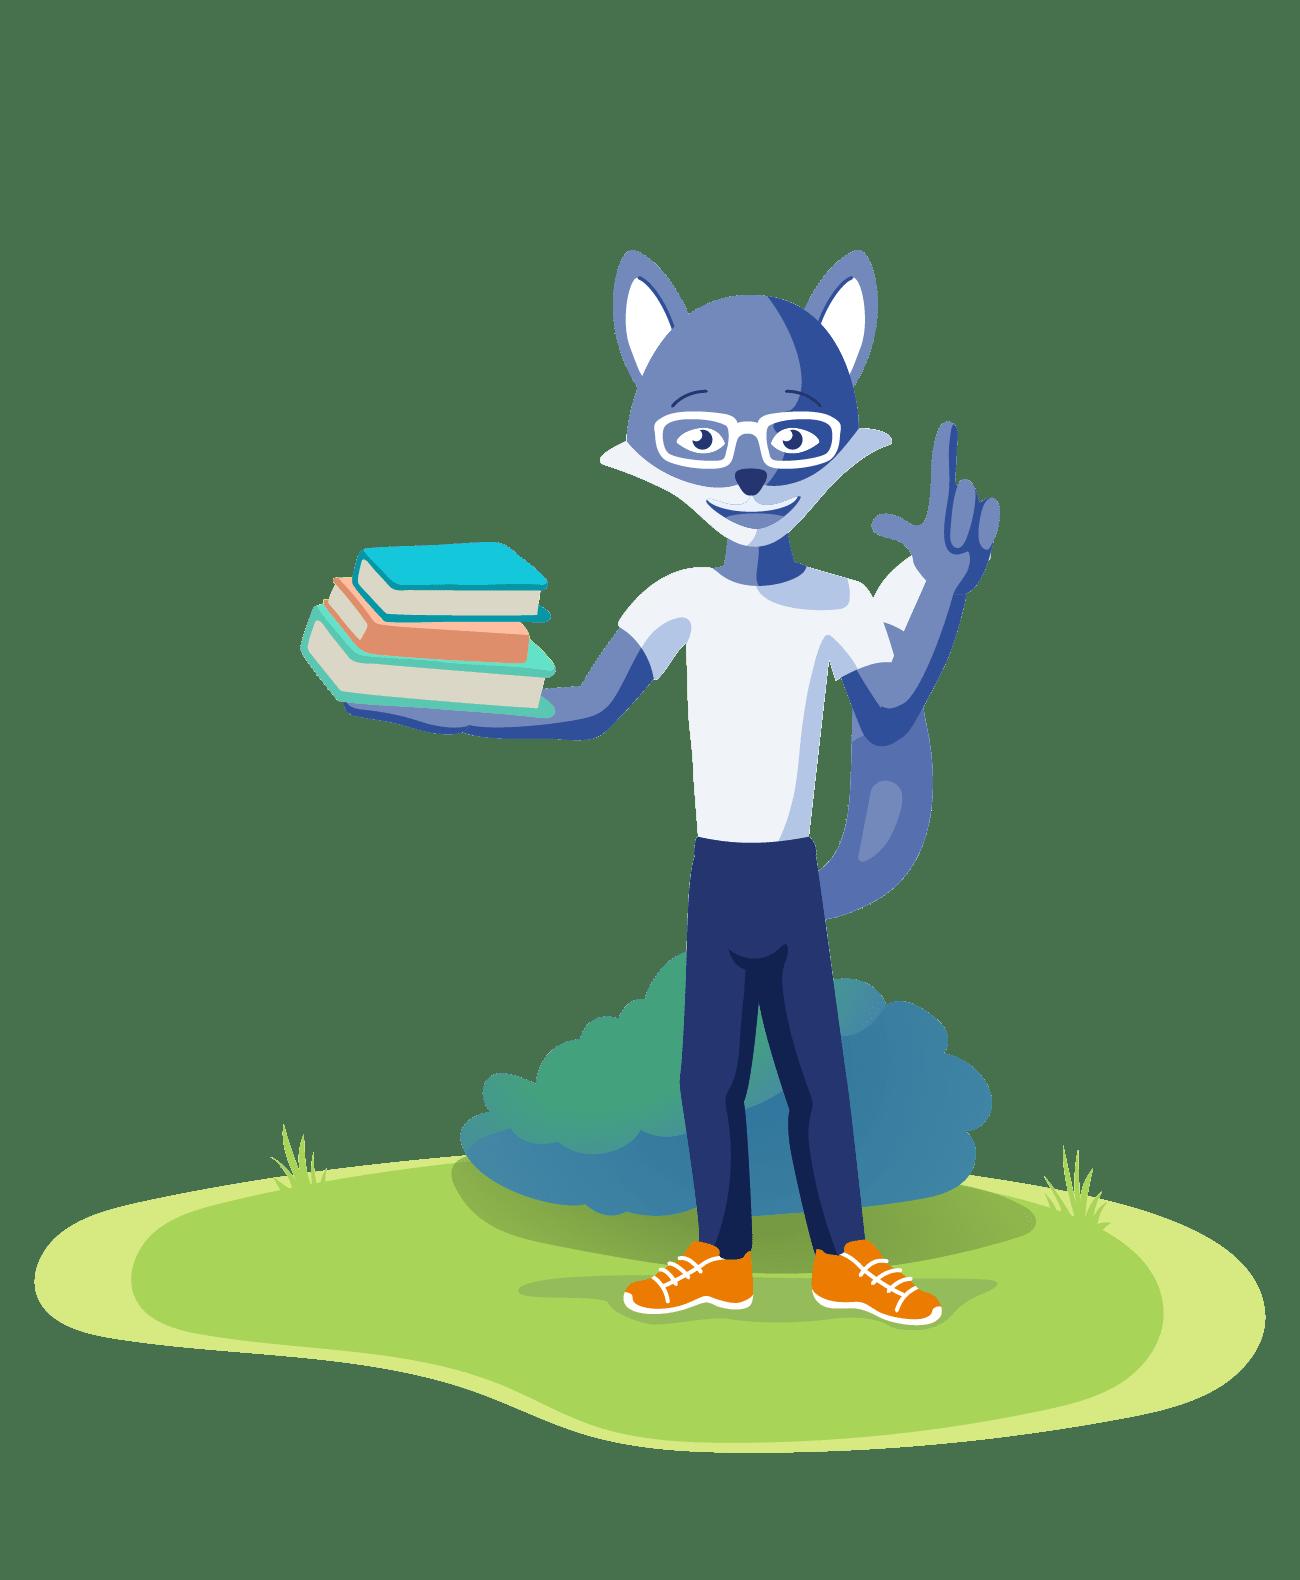 Mascotte renard Foxglove SEO - livres - Foxglove Agence SEO experts seniors